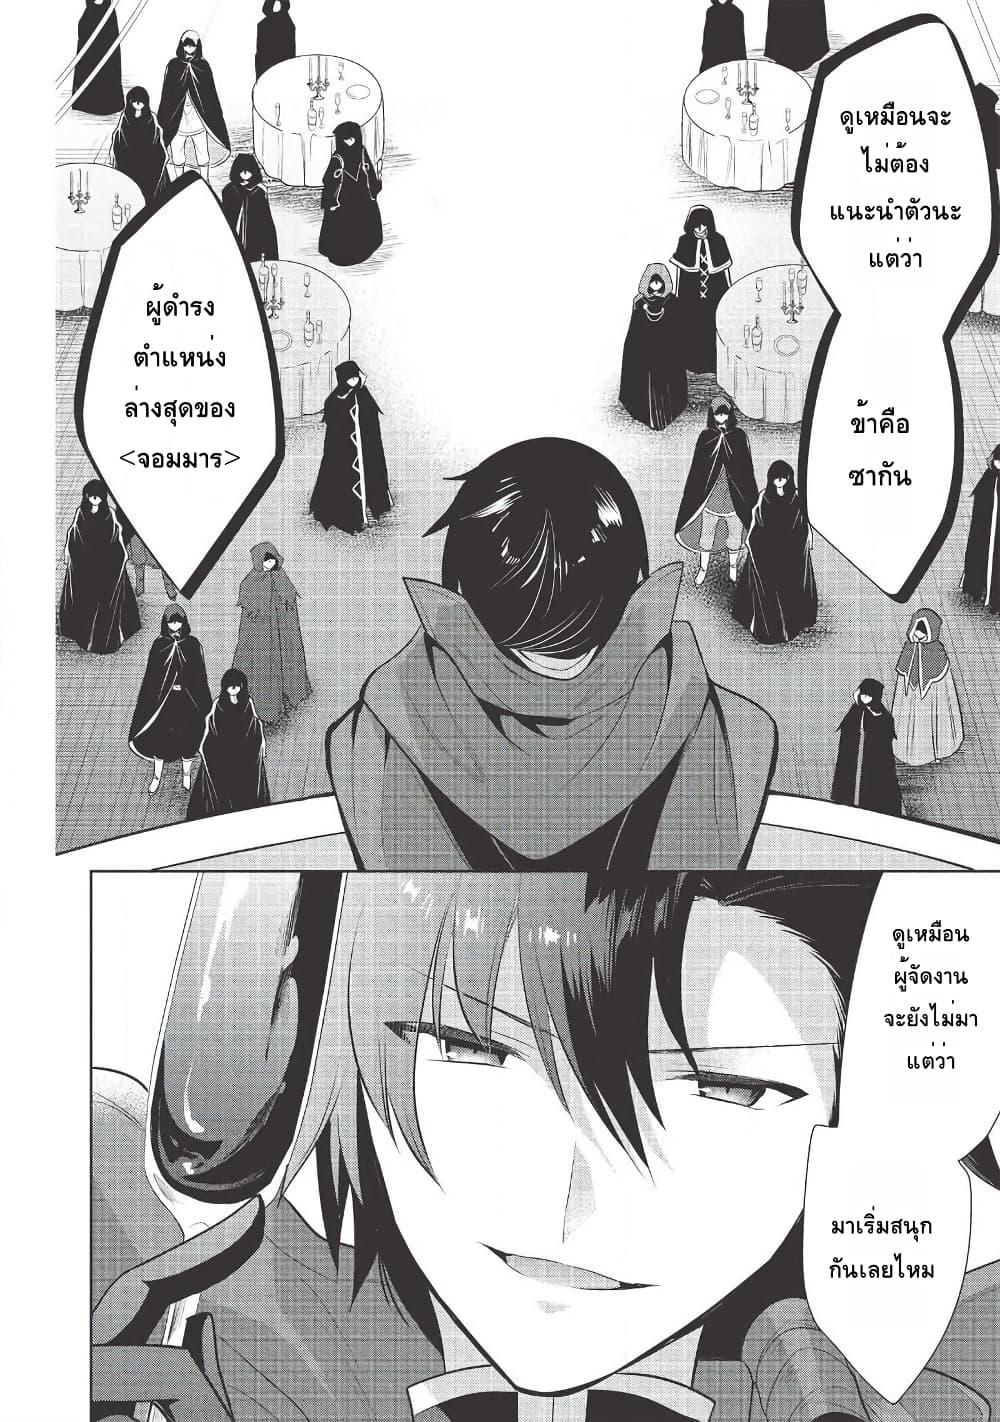 อ่านการ์ตูน Maou no Ore ga Dorei Elf wo Yome ni Shitanda ga Dou Medereba Ii ตอนที่ 27 หน้าที่ 33